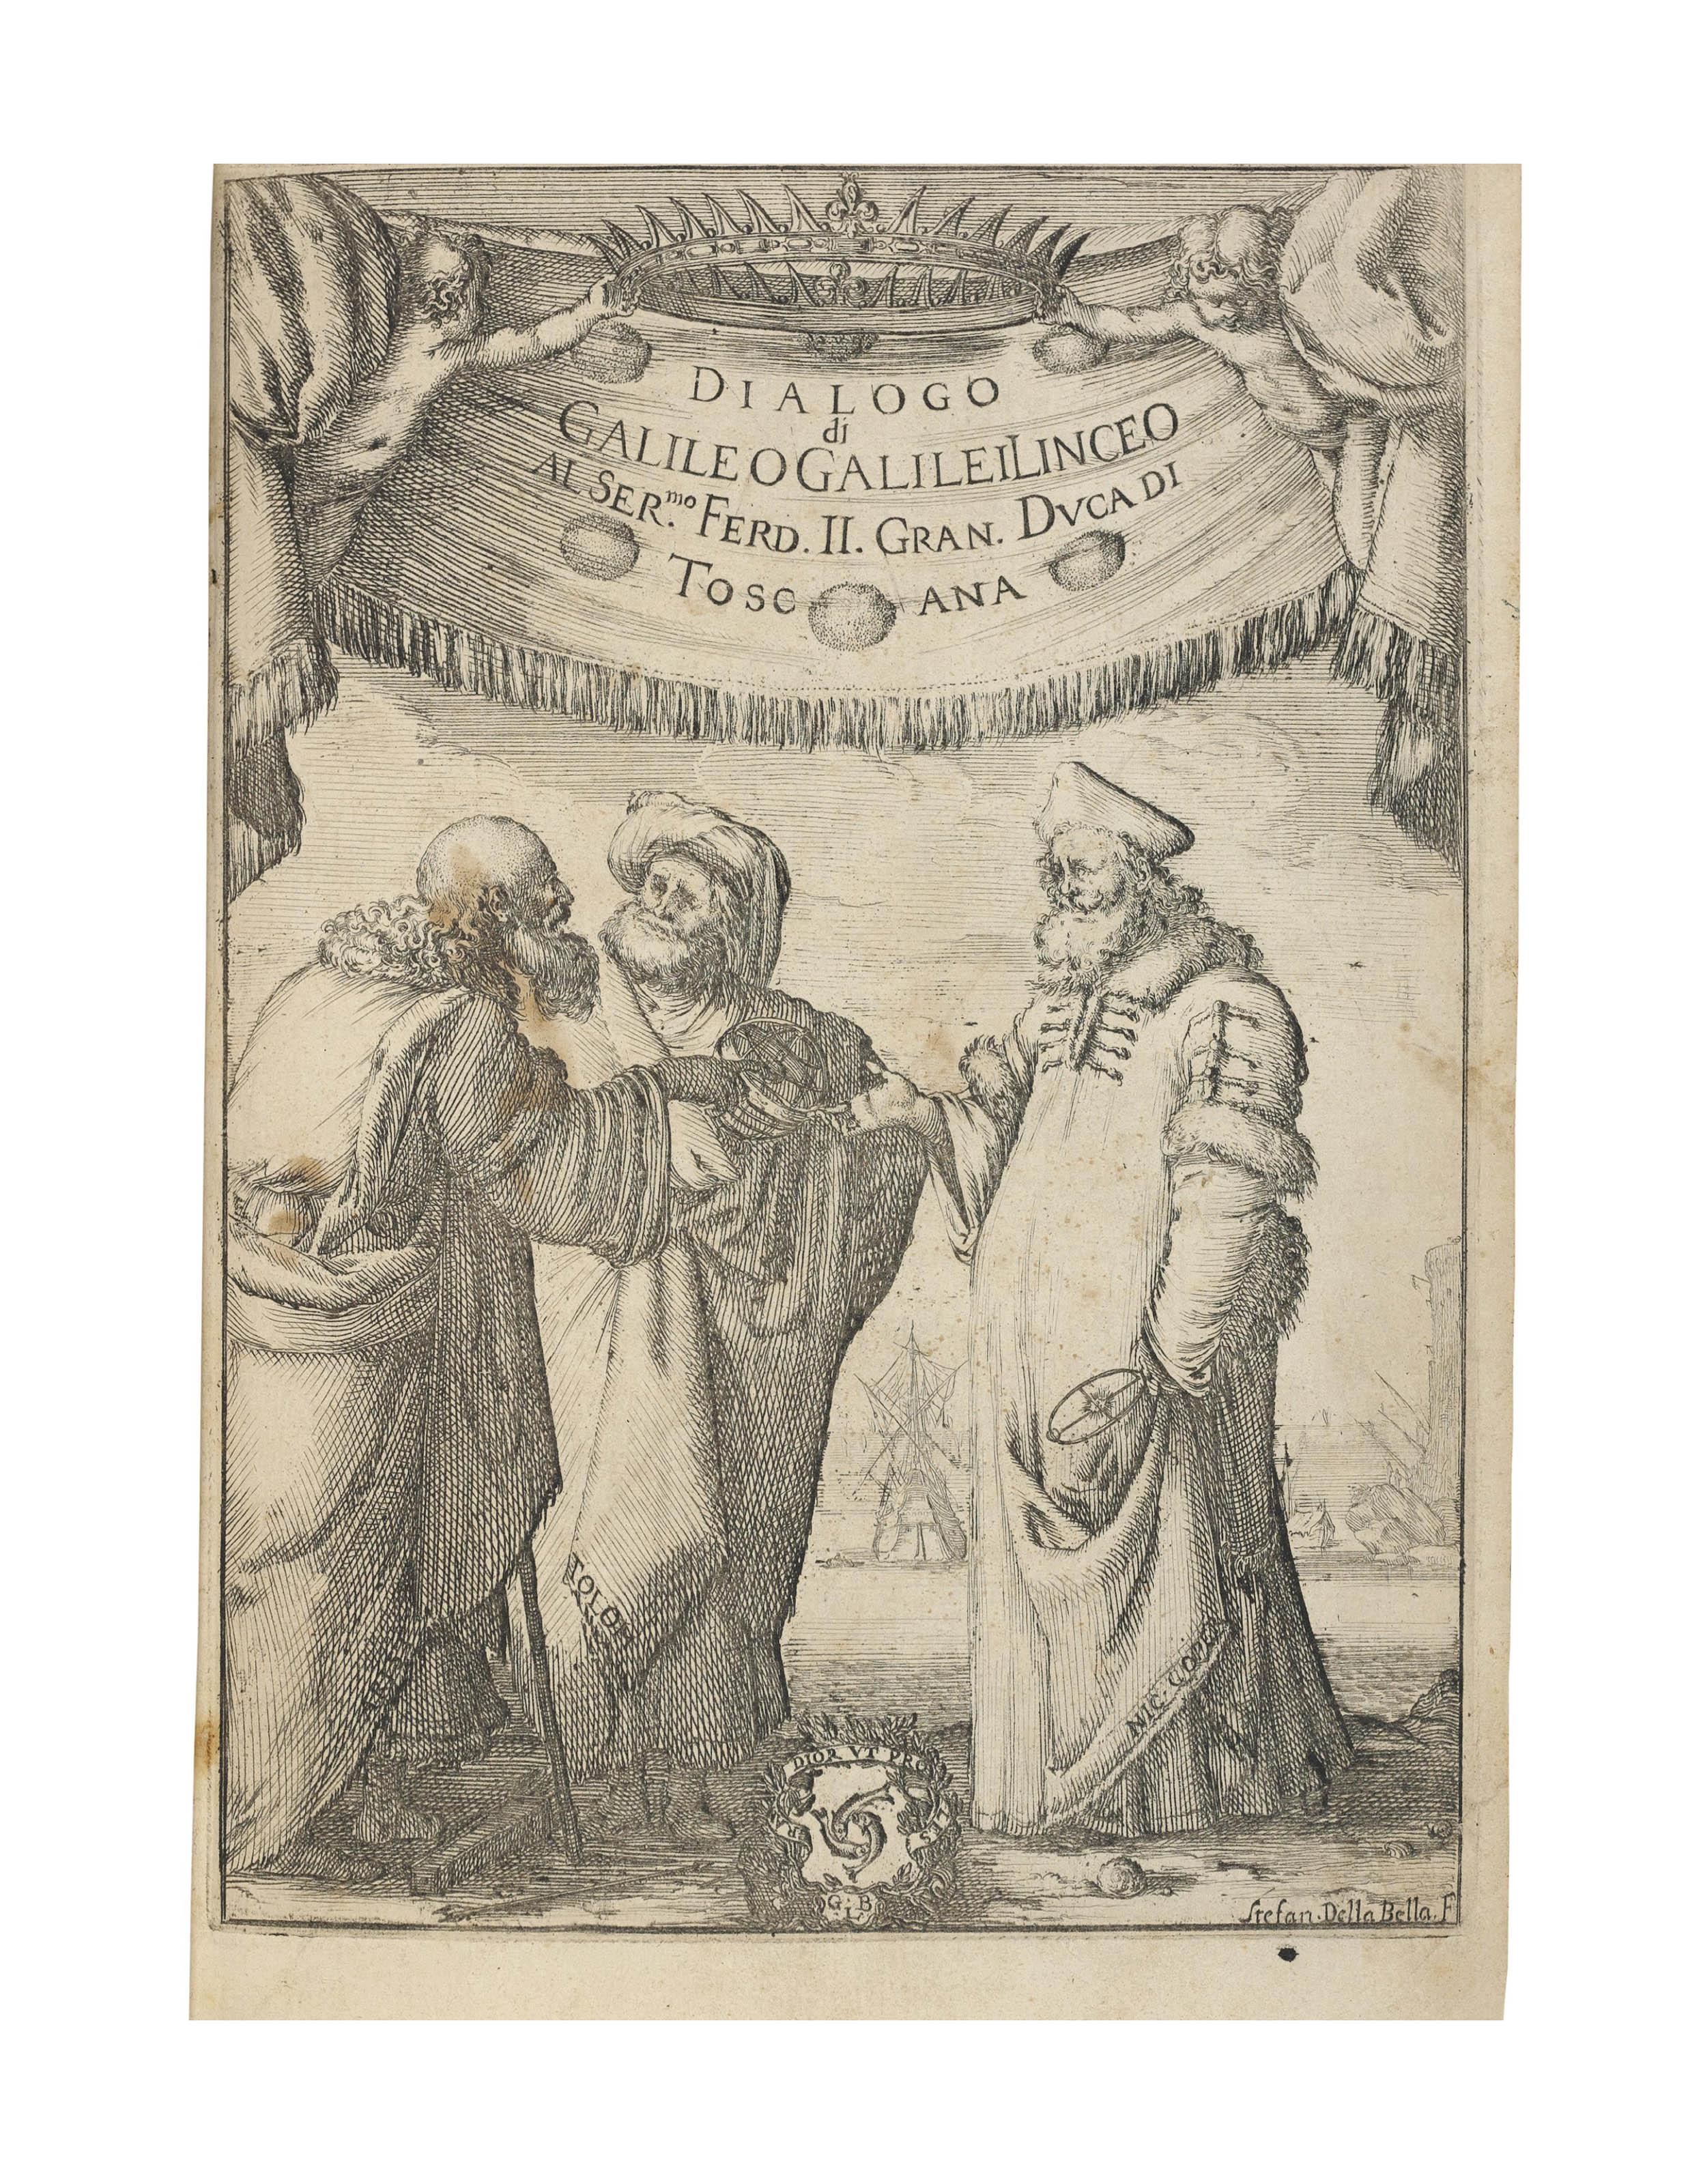 GALILEI, Galileo (1564-1642). Dialogo... sopra i due massimi sistemi del mondo Tolemaico, e Copernicano. Florence: Gian Battista Landini, 1632.